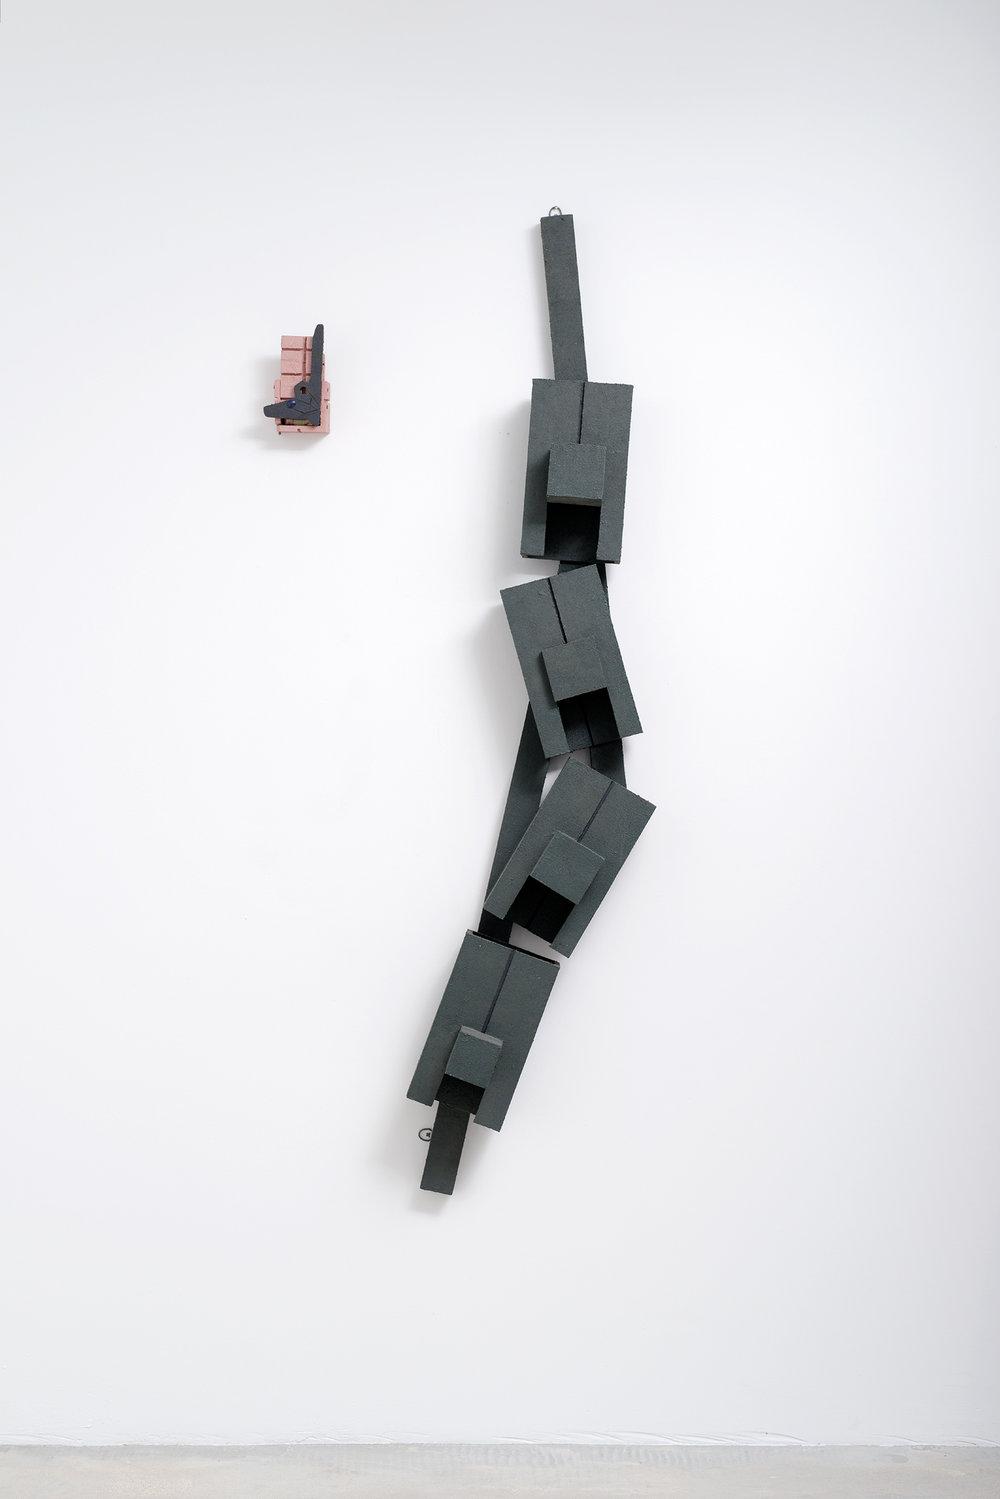 Hervé Télémaque - Ravine avec paquet de cigarettes, 1995